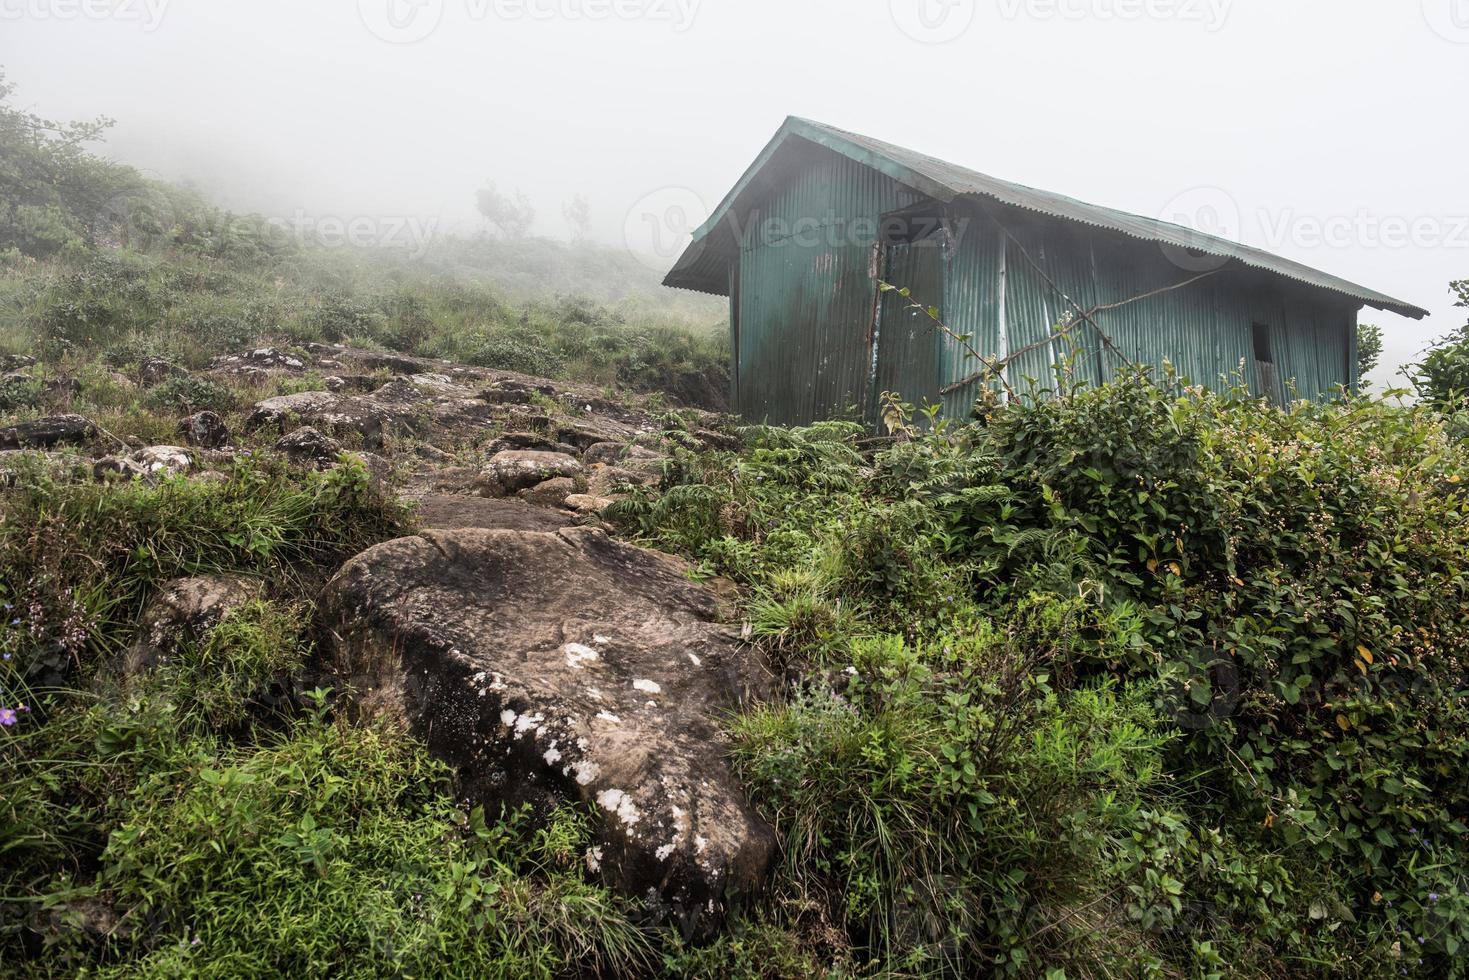 choza abandonada en la colina foto